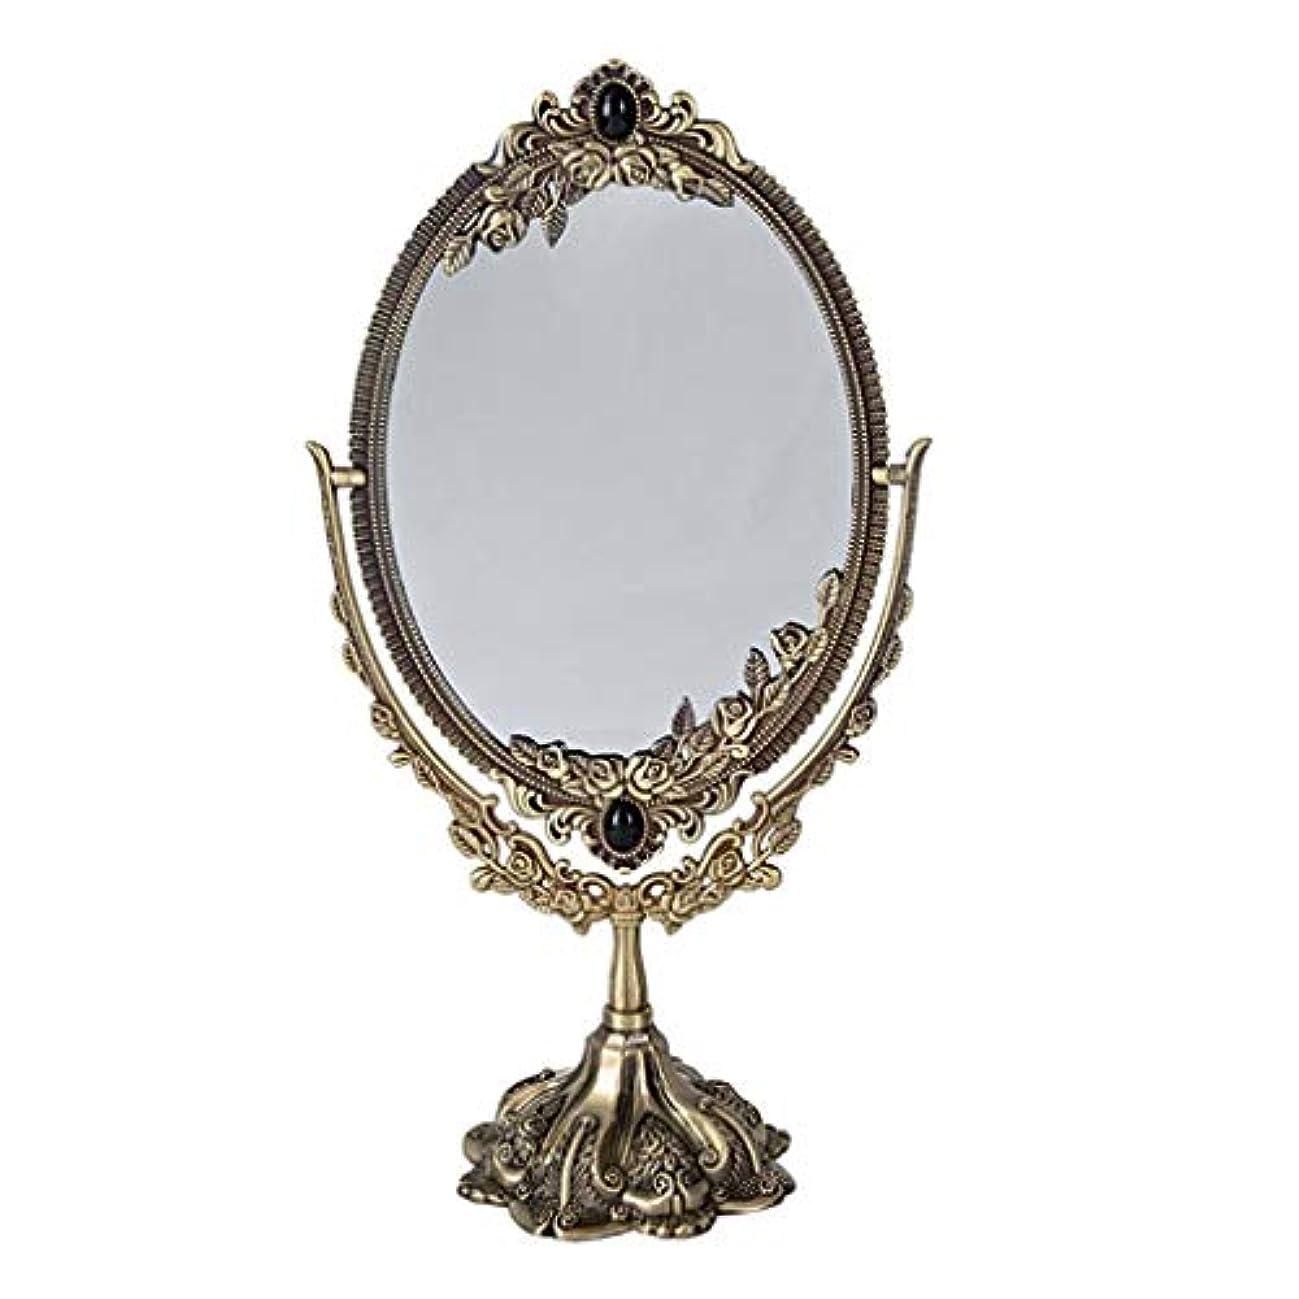 説明排泄物勧告Selm 化粧鏡オーバル、hdシルバーミラー化粧鏡360度回転バニティミラー寝室用オーバルヴィンテージスタイル (Color : Bronze)